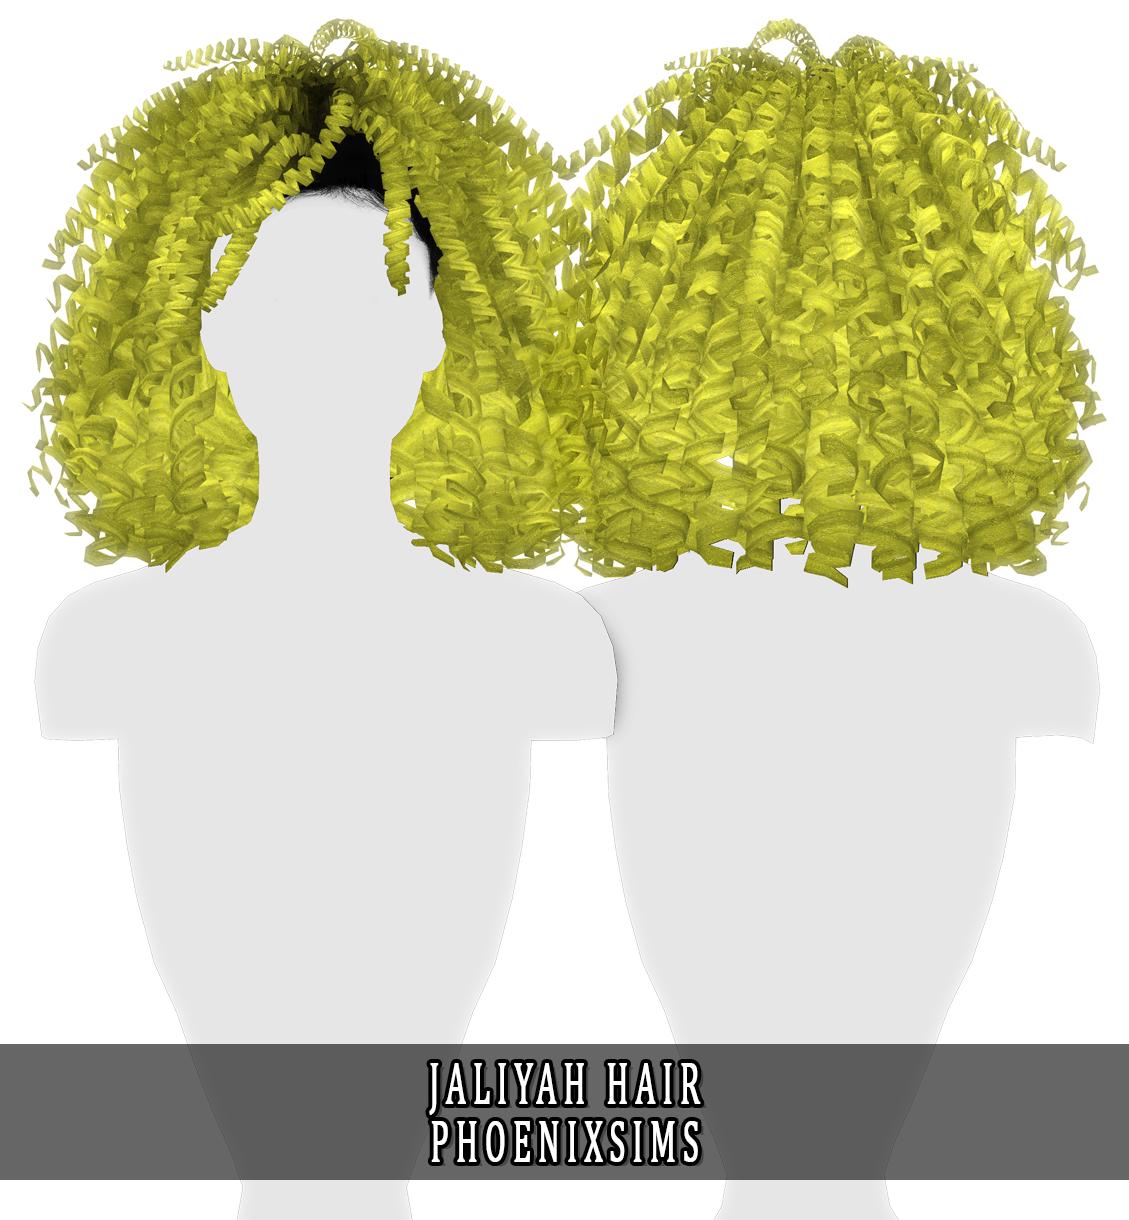 Phoenix Sims Jaliyah Hair 30 Swatches Hq Mod Compatible Sims Hair Sims Diamond Hair